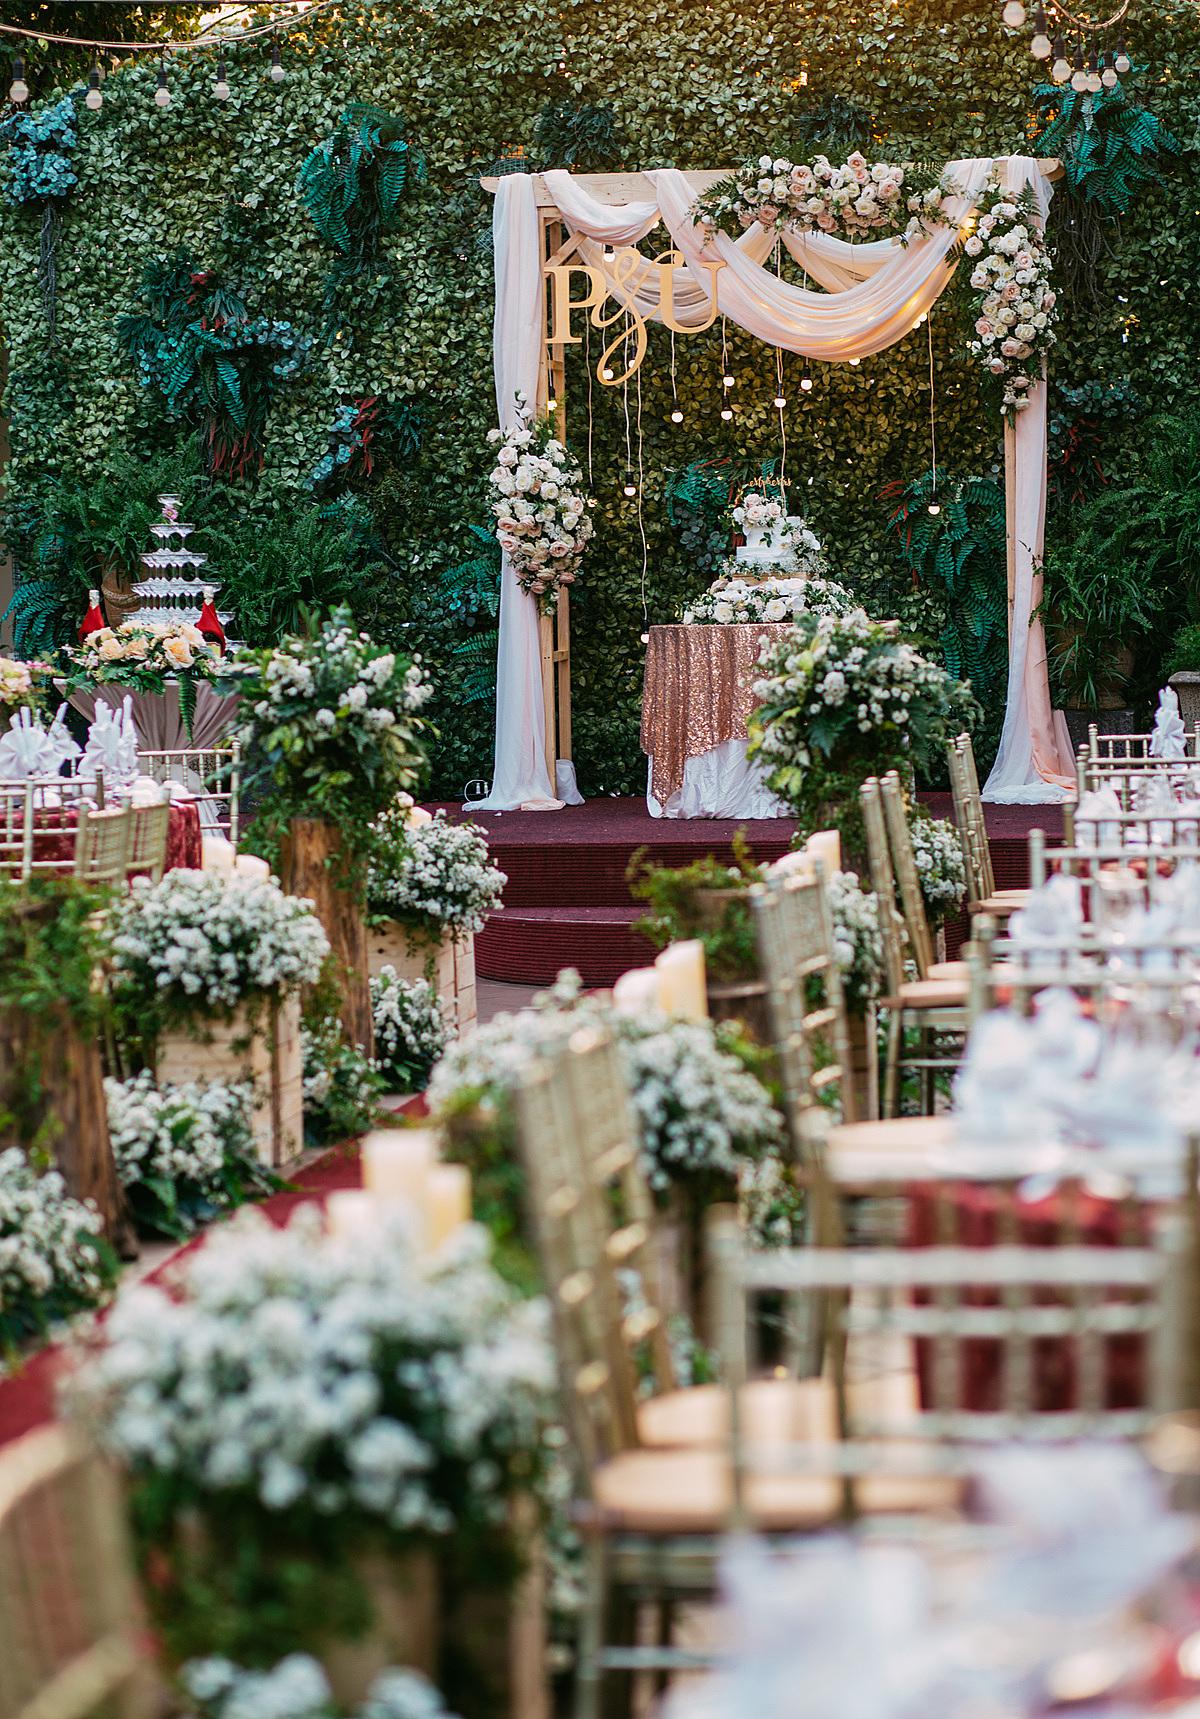 Khu vườn Le Jardin là một lựa chọn thú vị cho những đôi yêu tiệc cưới ngoài trời và thích vẻ đẹp thiên nhiên mộc mạc, đầy sức sống.